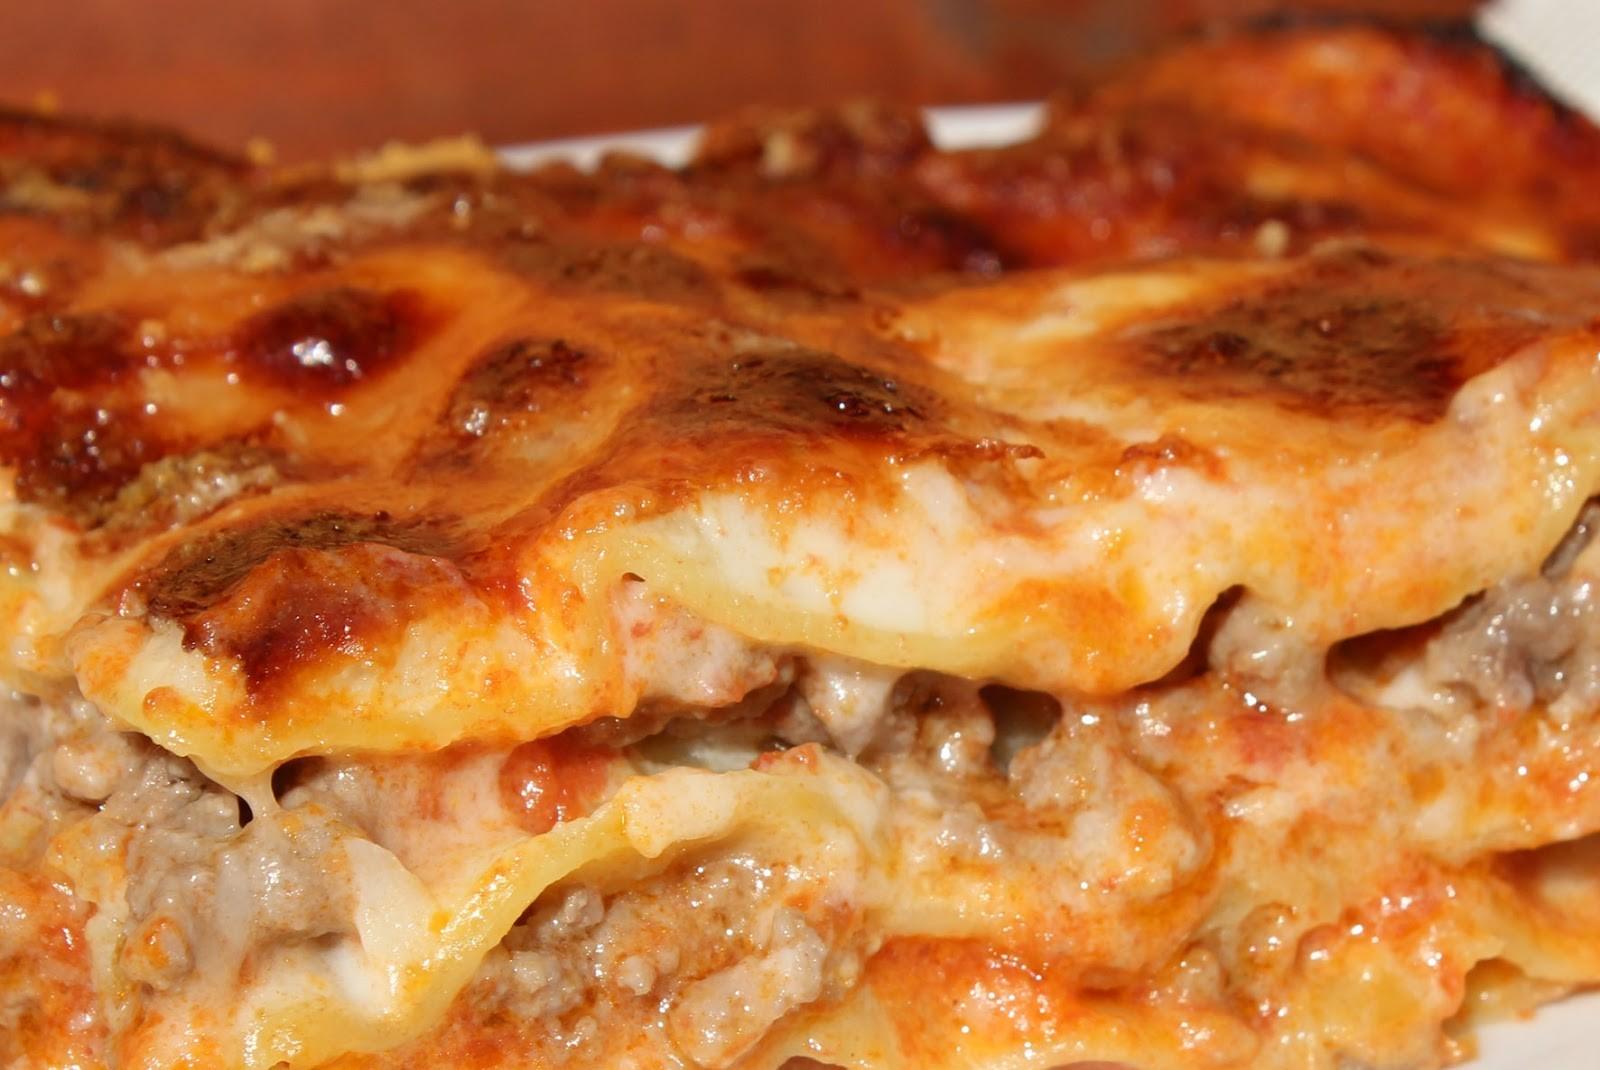 ... lasagne pumpkin lasagne summer lasagne four cheese lasagne mike gordon